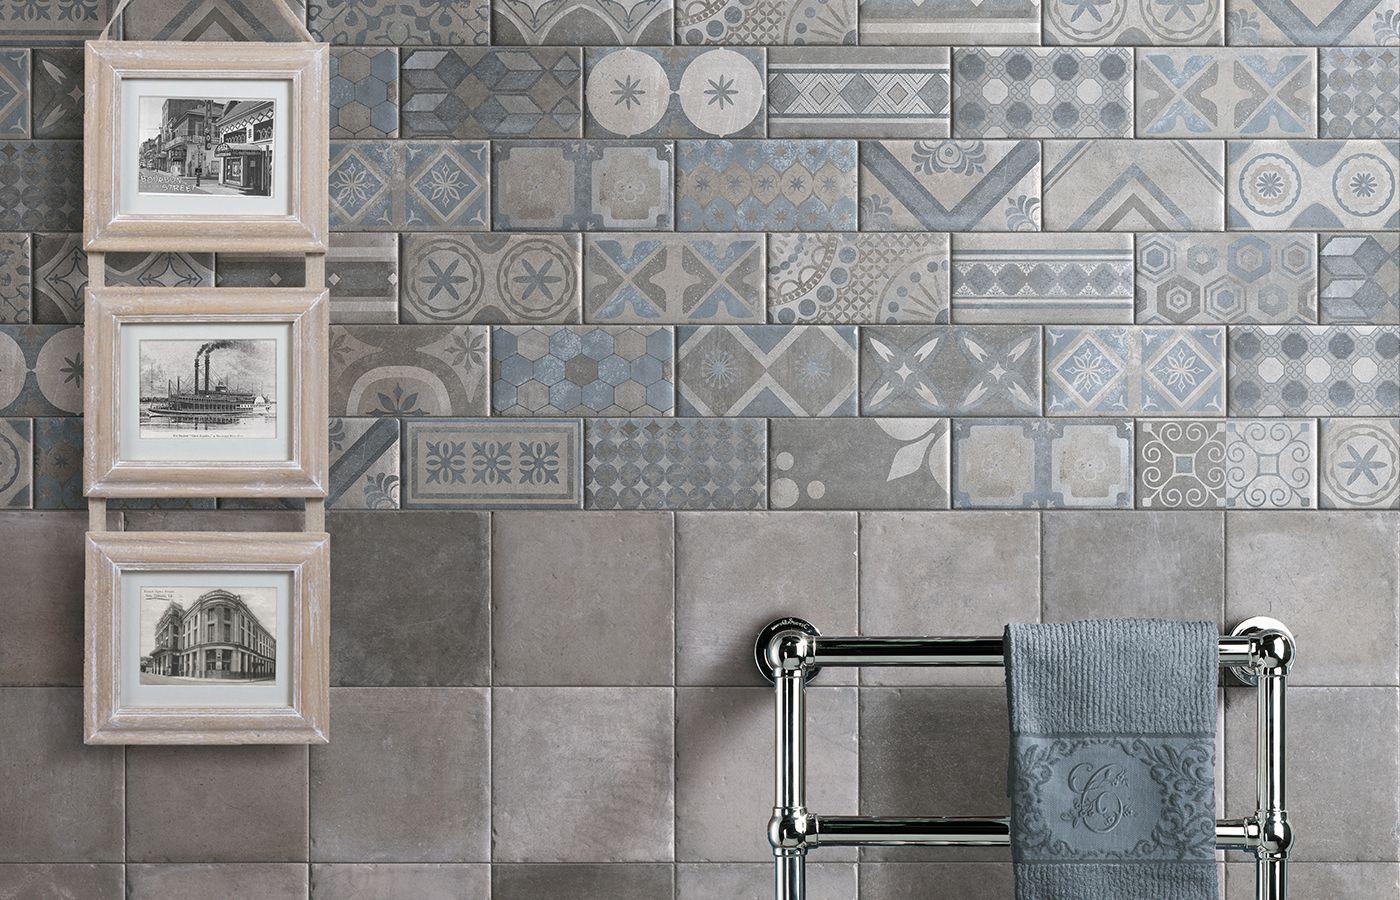 Classic cir manifatture ceramiche new orleans - Piastrelle 10x10 bagno ...